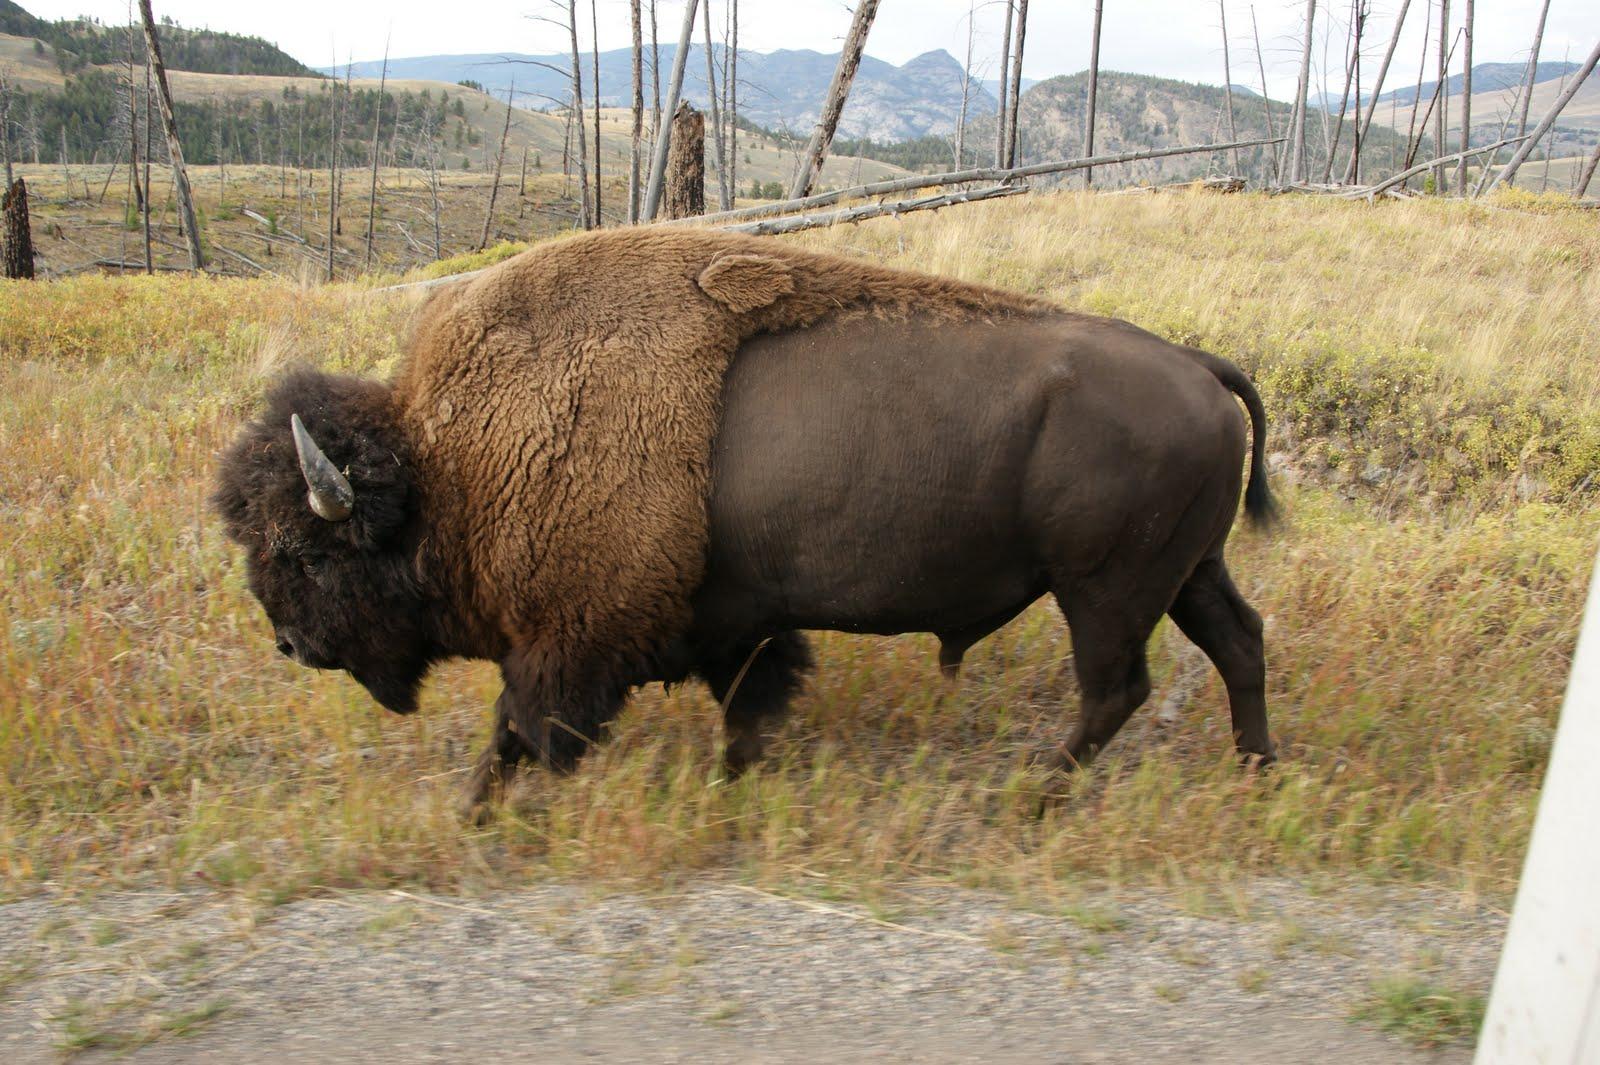 YellowstoneRoadsideBison.JPG